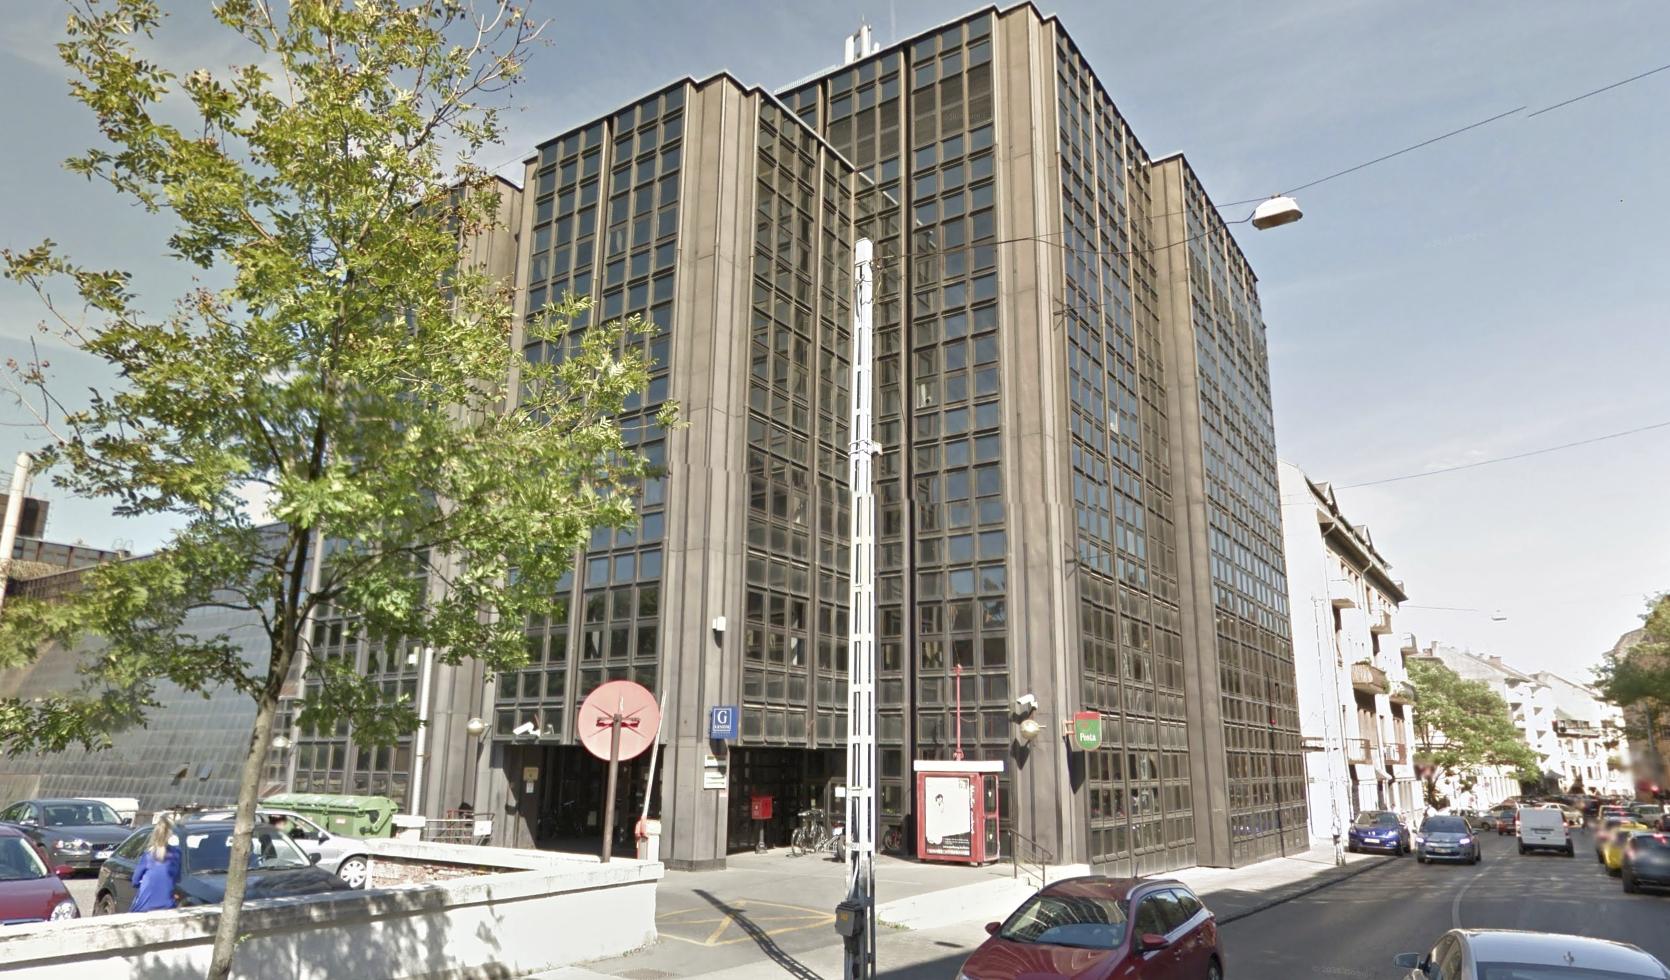 Schmidt Máriaék megvették a Városmajor utcai posta épületét